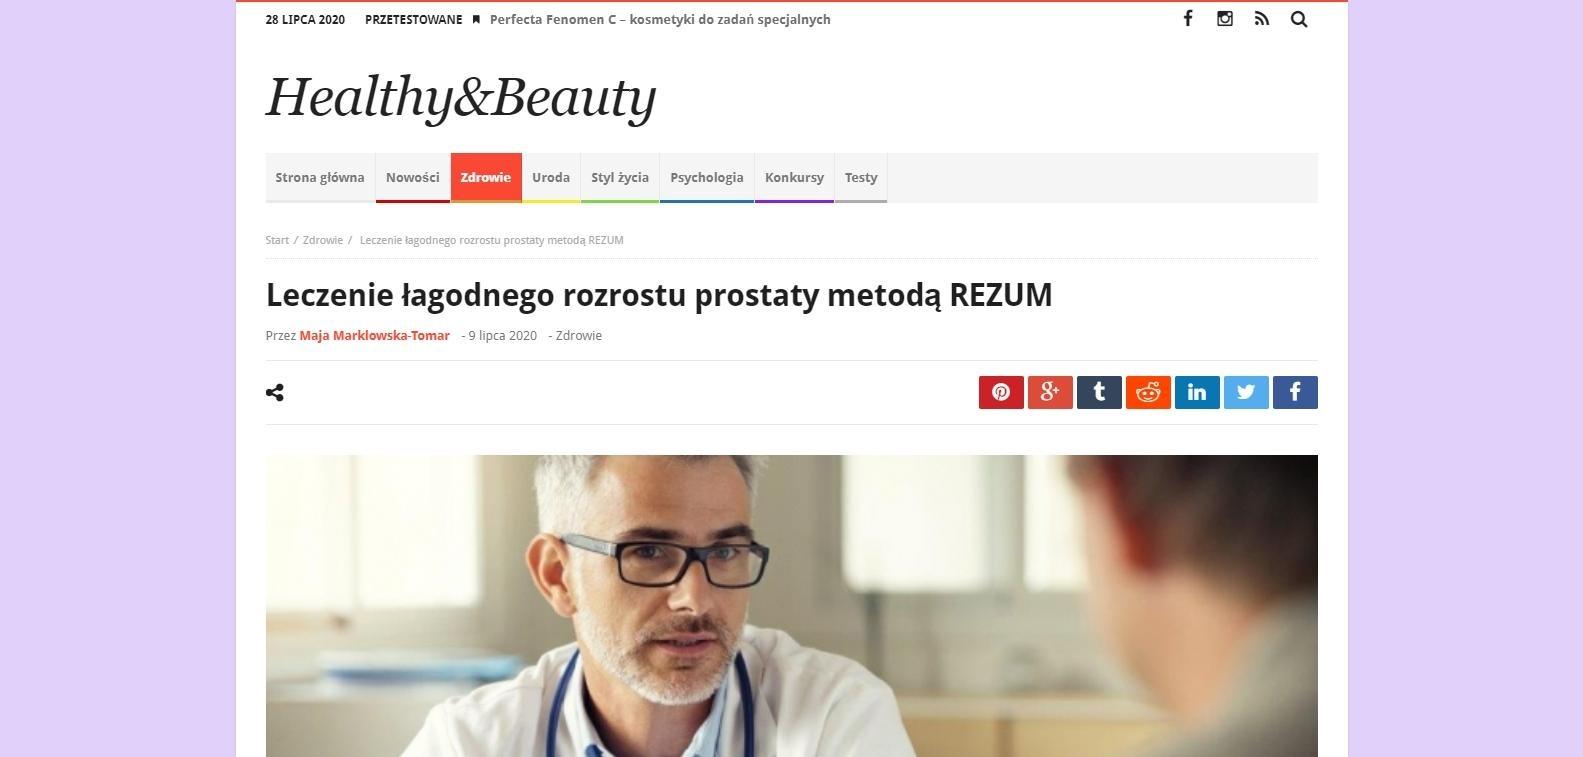 leczenie lagodnego rozrostu prostaty metoda rezum